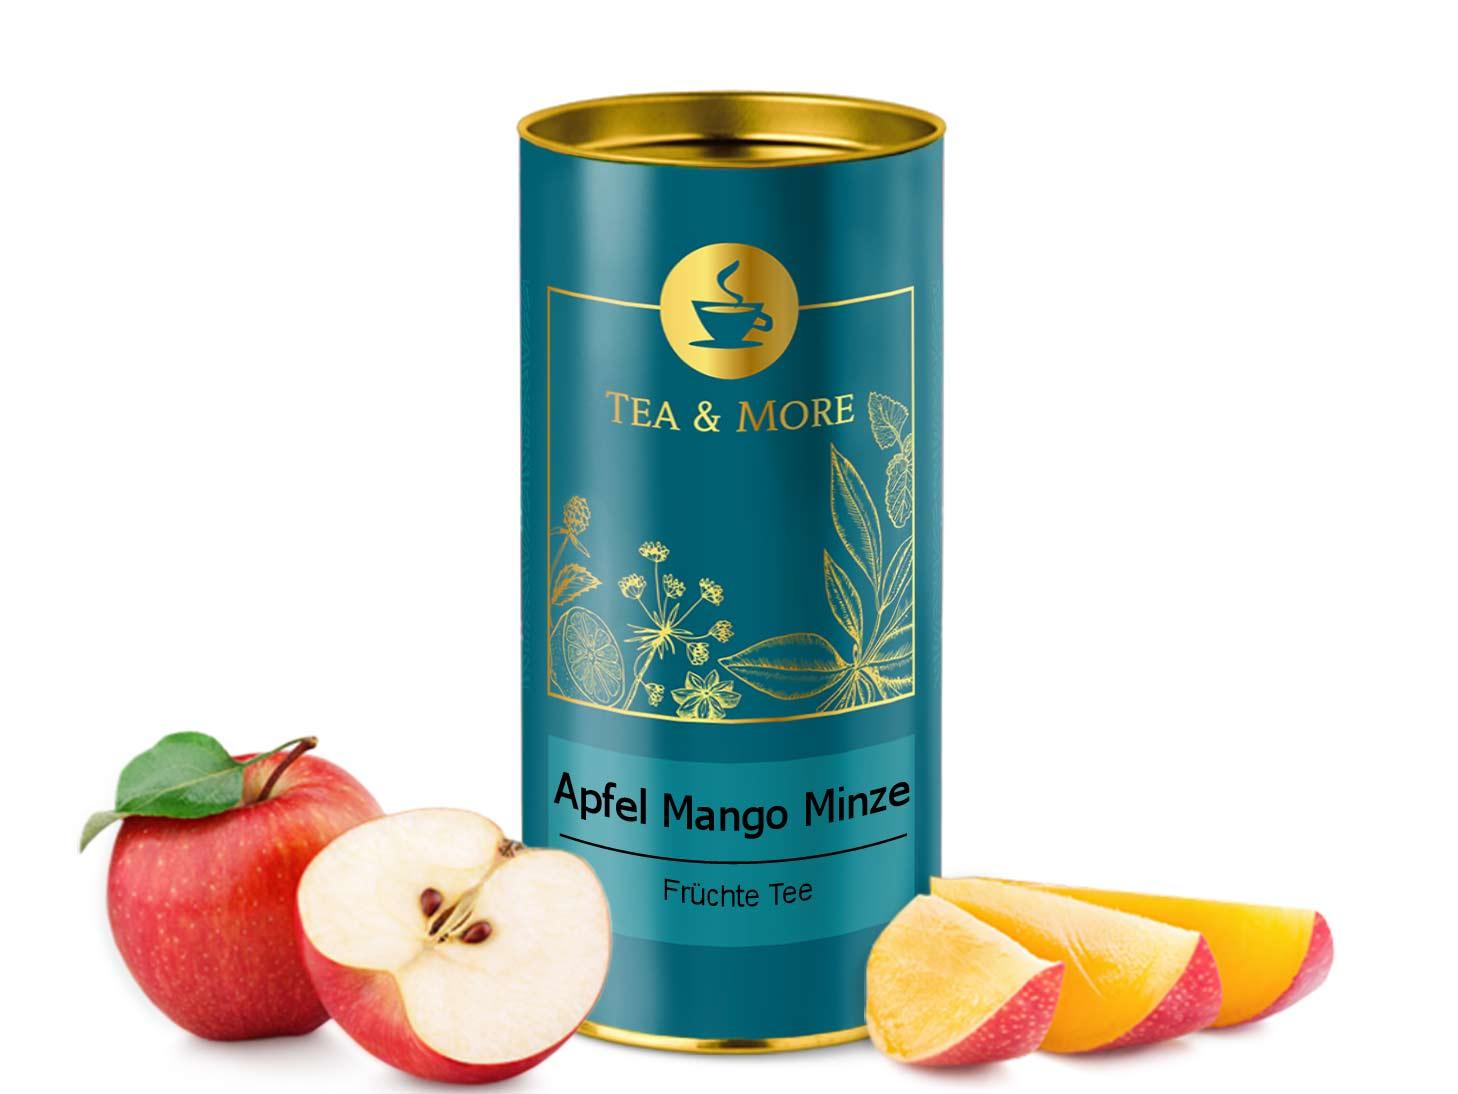 Apfel, Mango & Minze